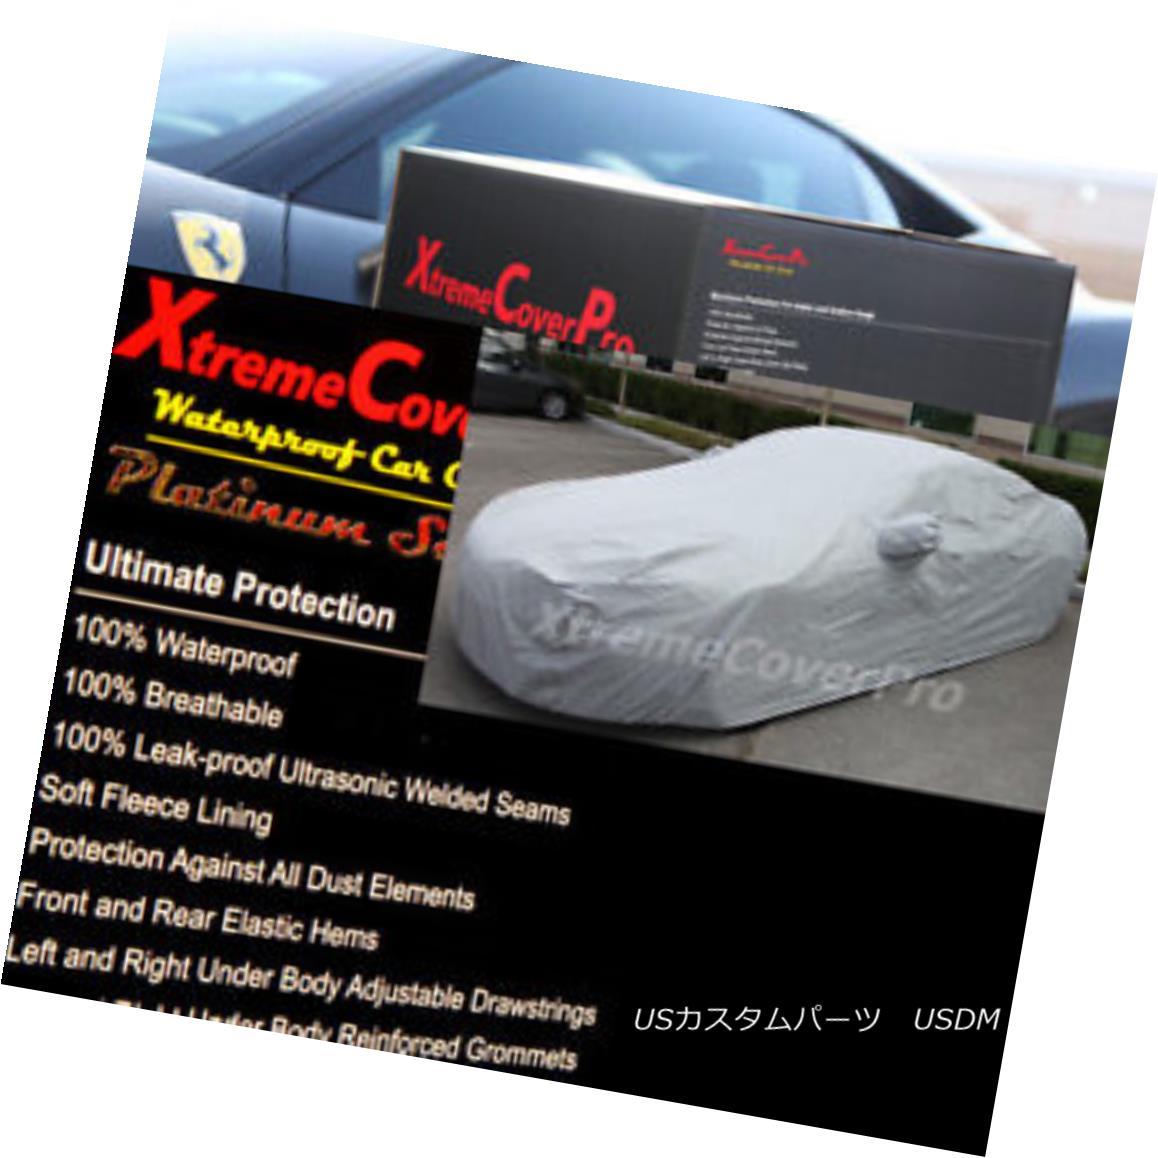 カーカバー 2015 CHEVY CORVETTE CONVERTIBLE Waterproof Car Cover w/Mirror Pockets - Gray 2015 CHEVY CORVETTEコンバーチブルミラーポケット付き防水カーカバー - グレー